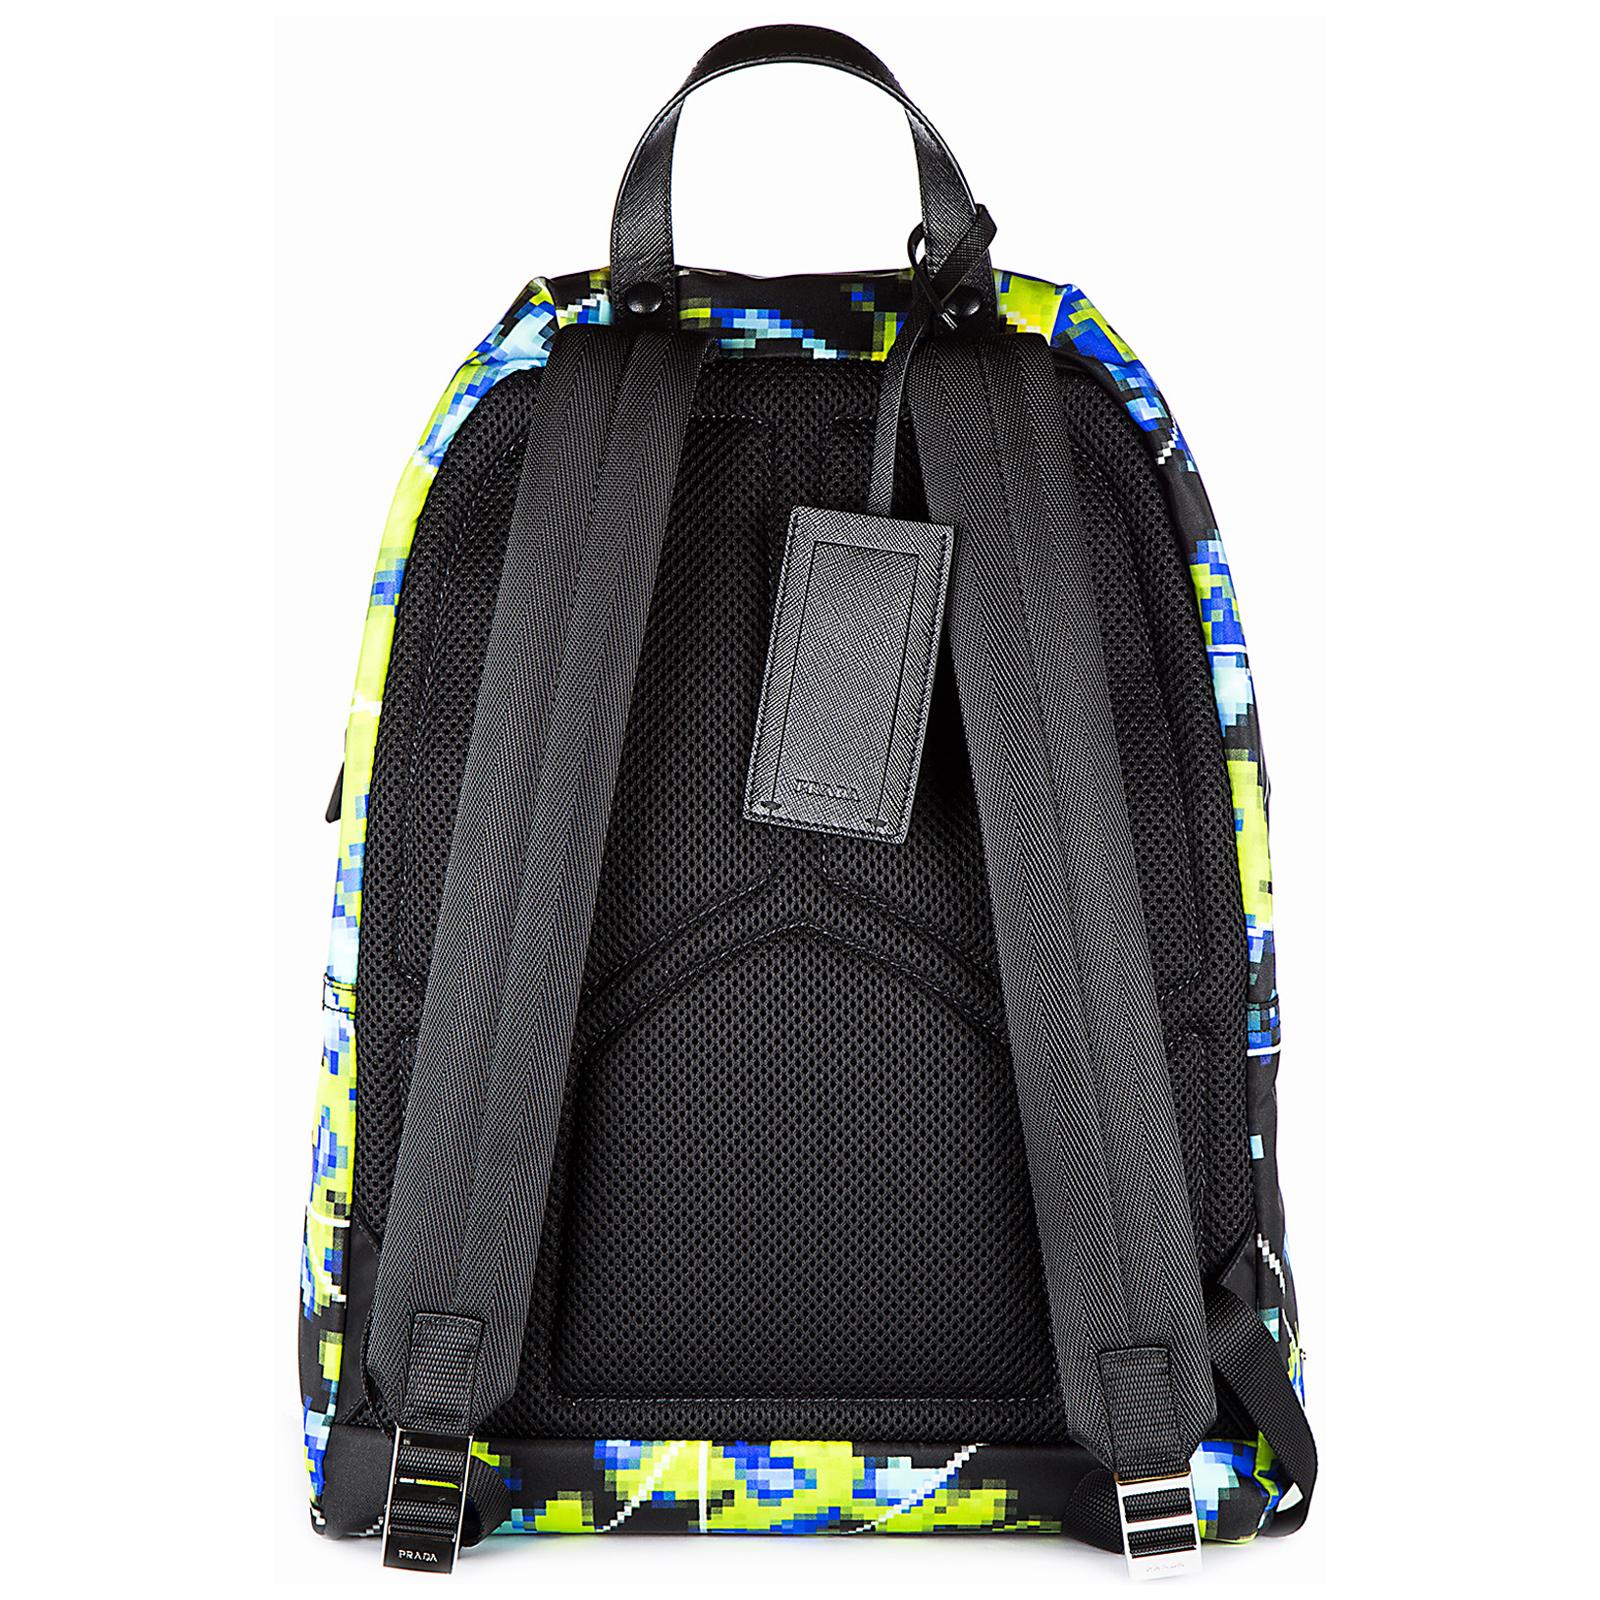 Men's nylon rucksack backpack travel